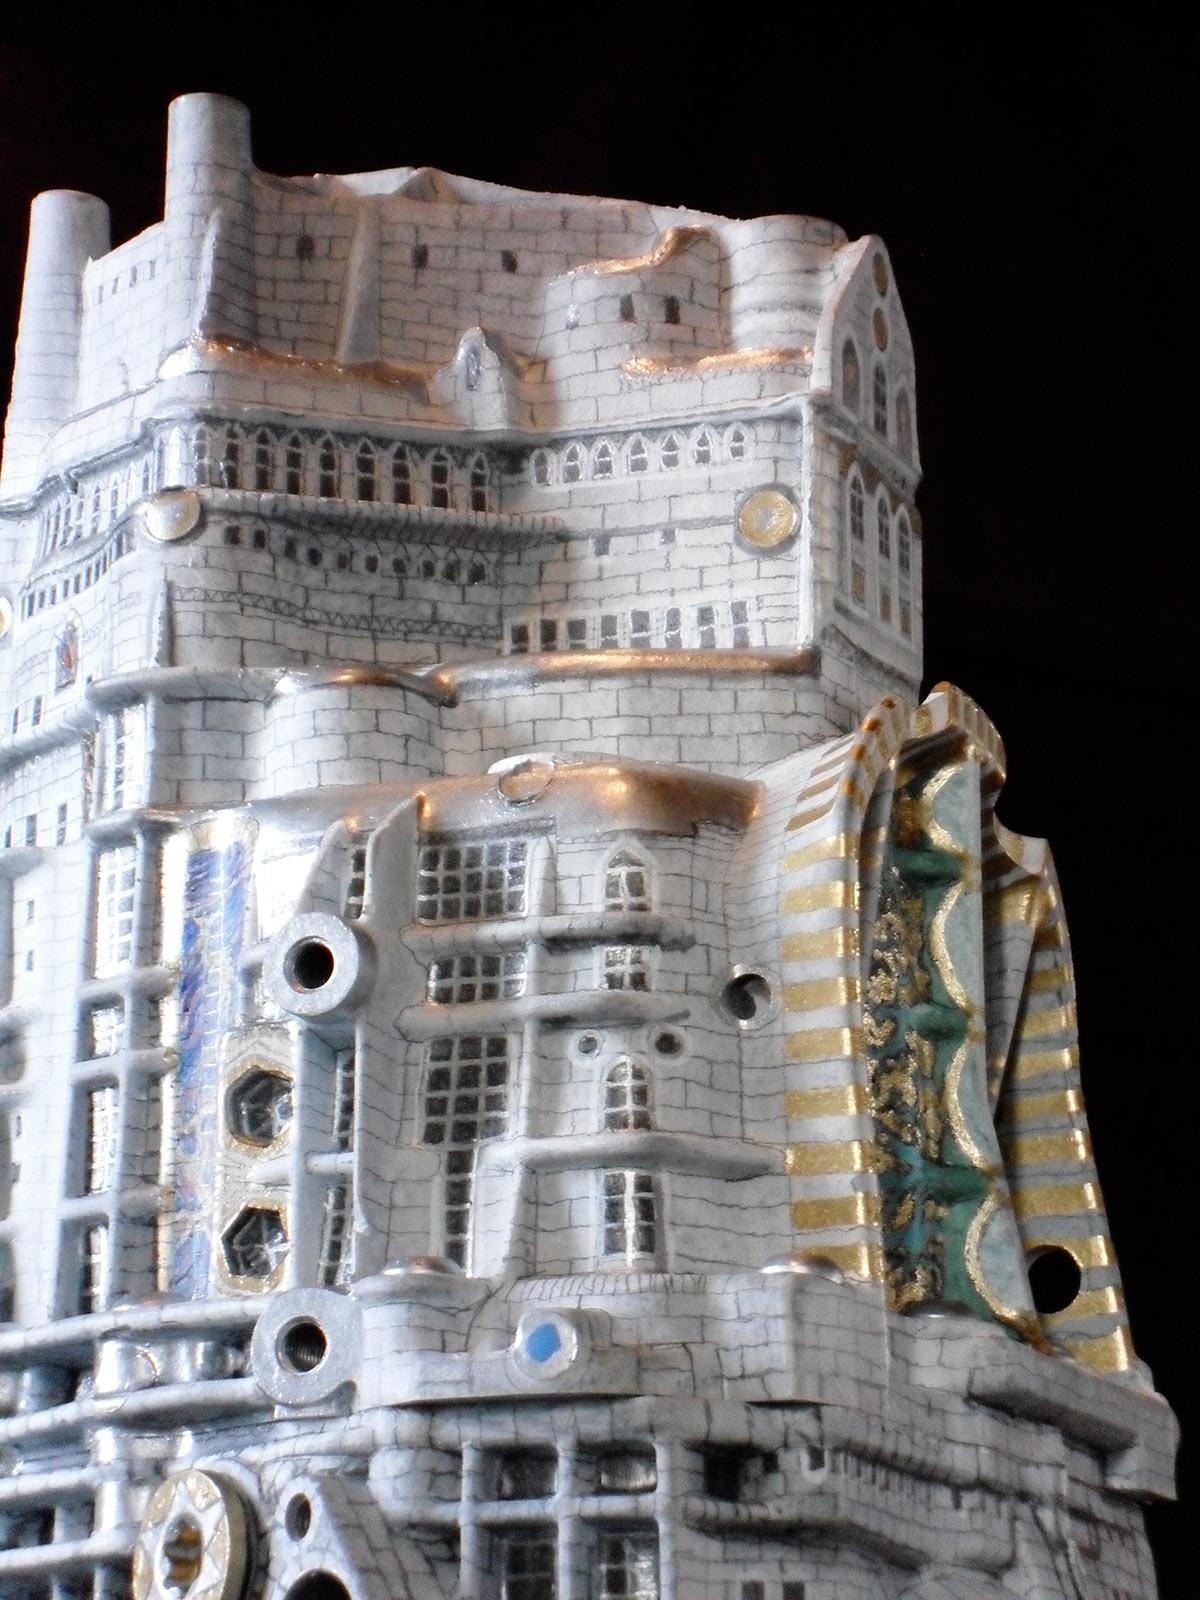 Audi Getriebe als phantastische Architektur, Detail